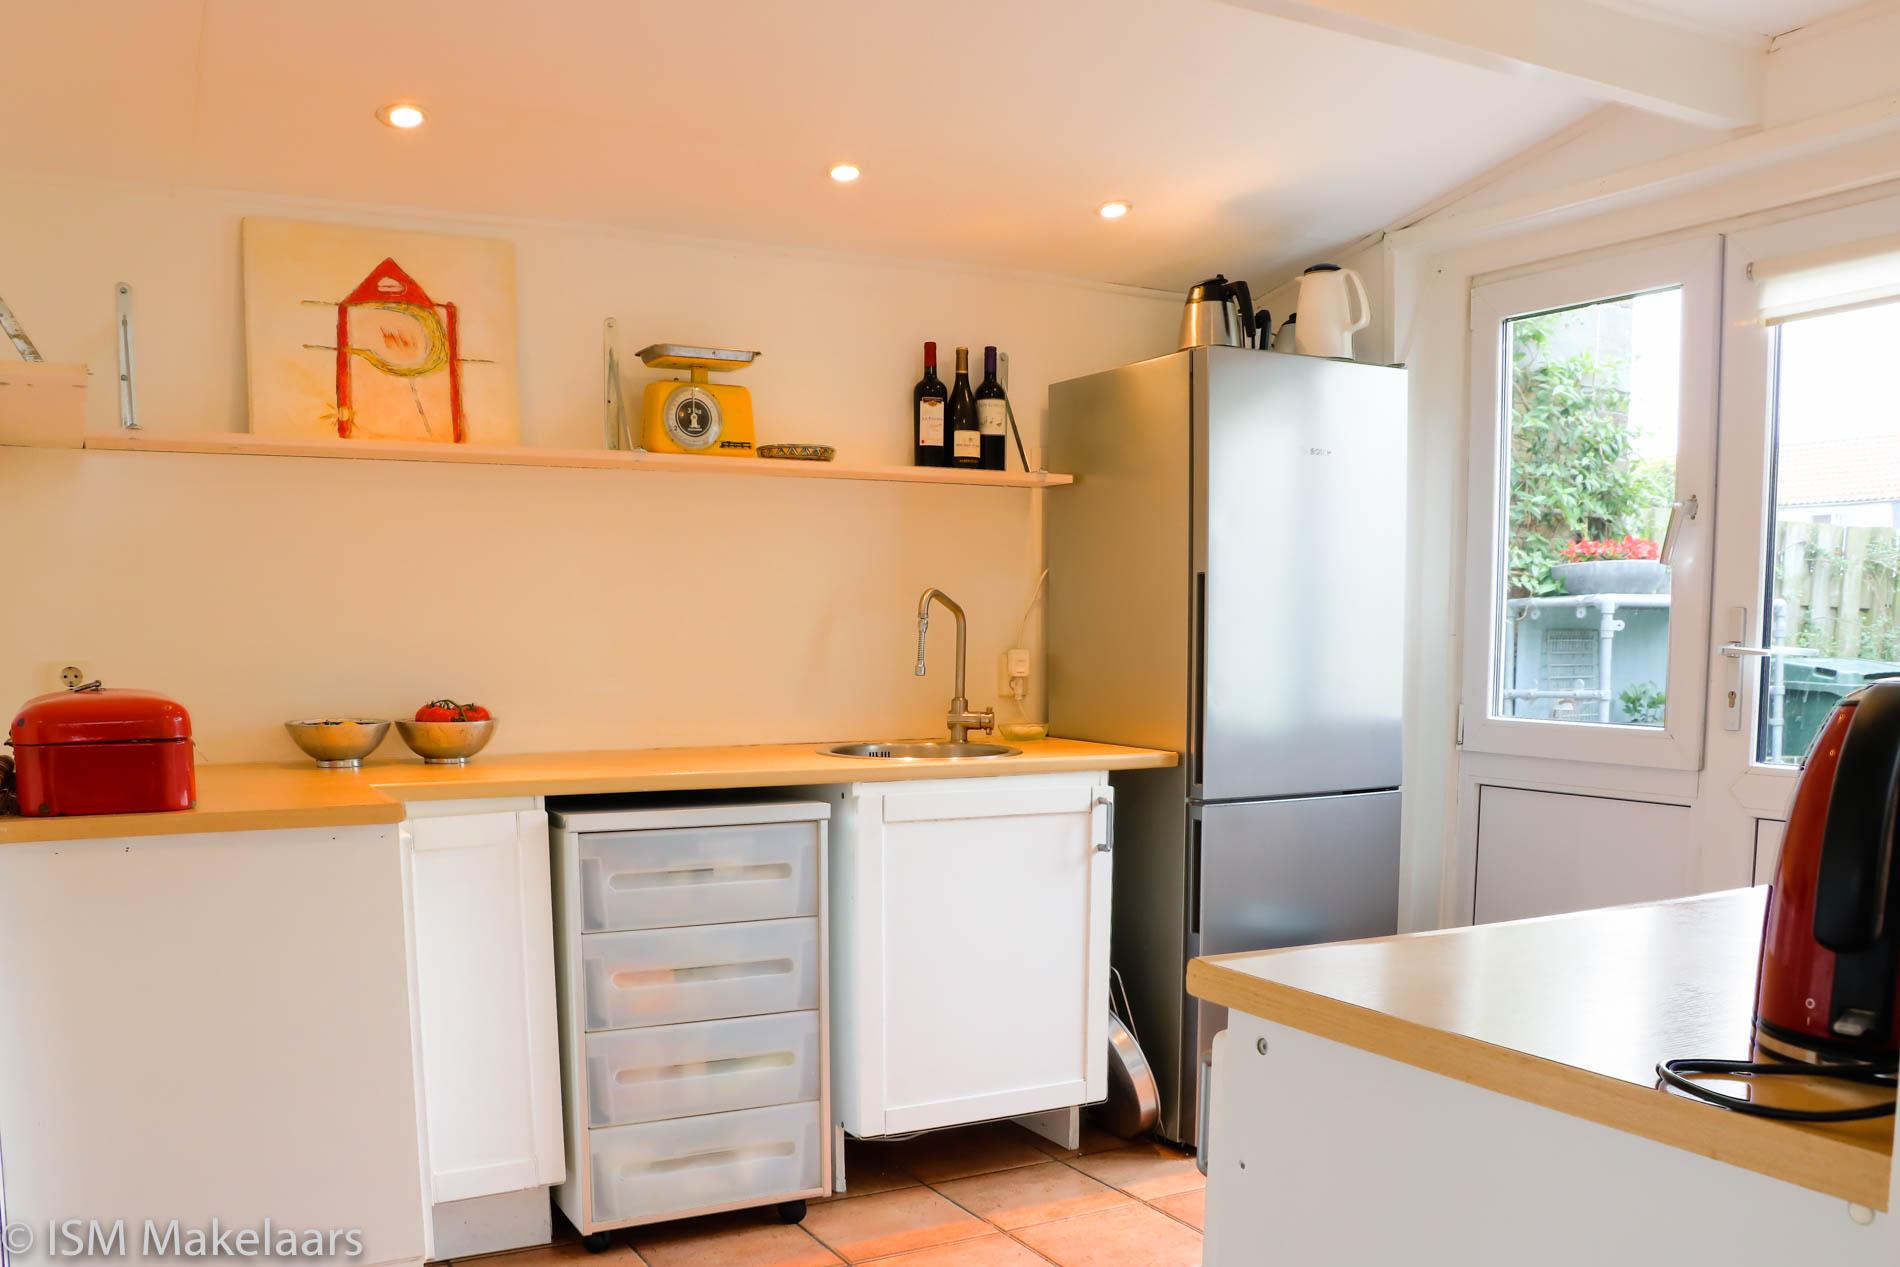 keuken beatrixstraat 45 colijnsplaat ism makelaars